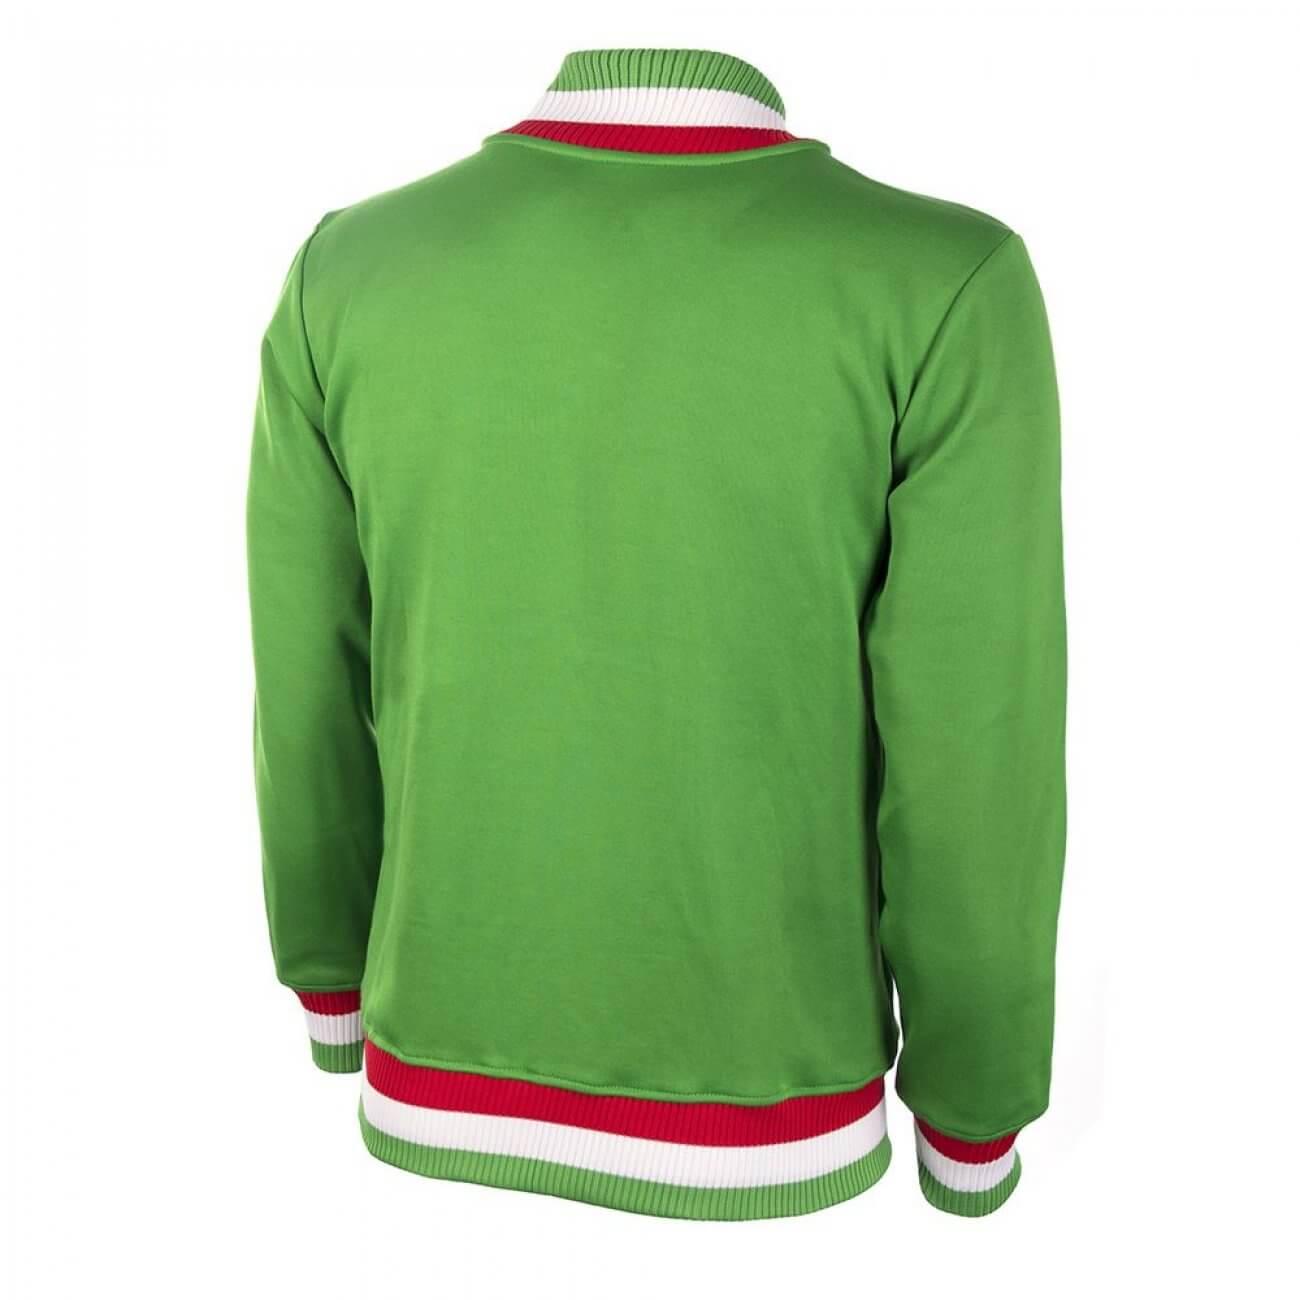 Mexiko Jacke 70er Jahre Retrofootball 174